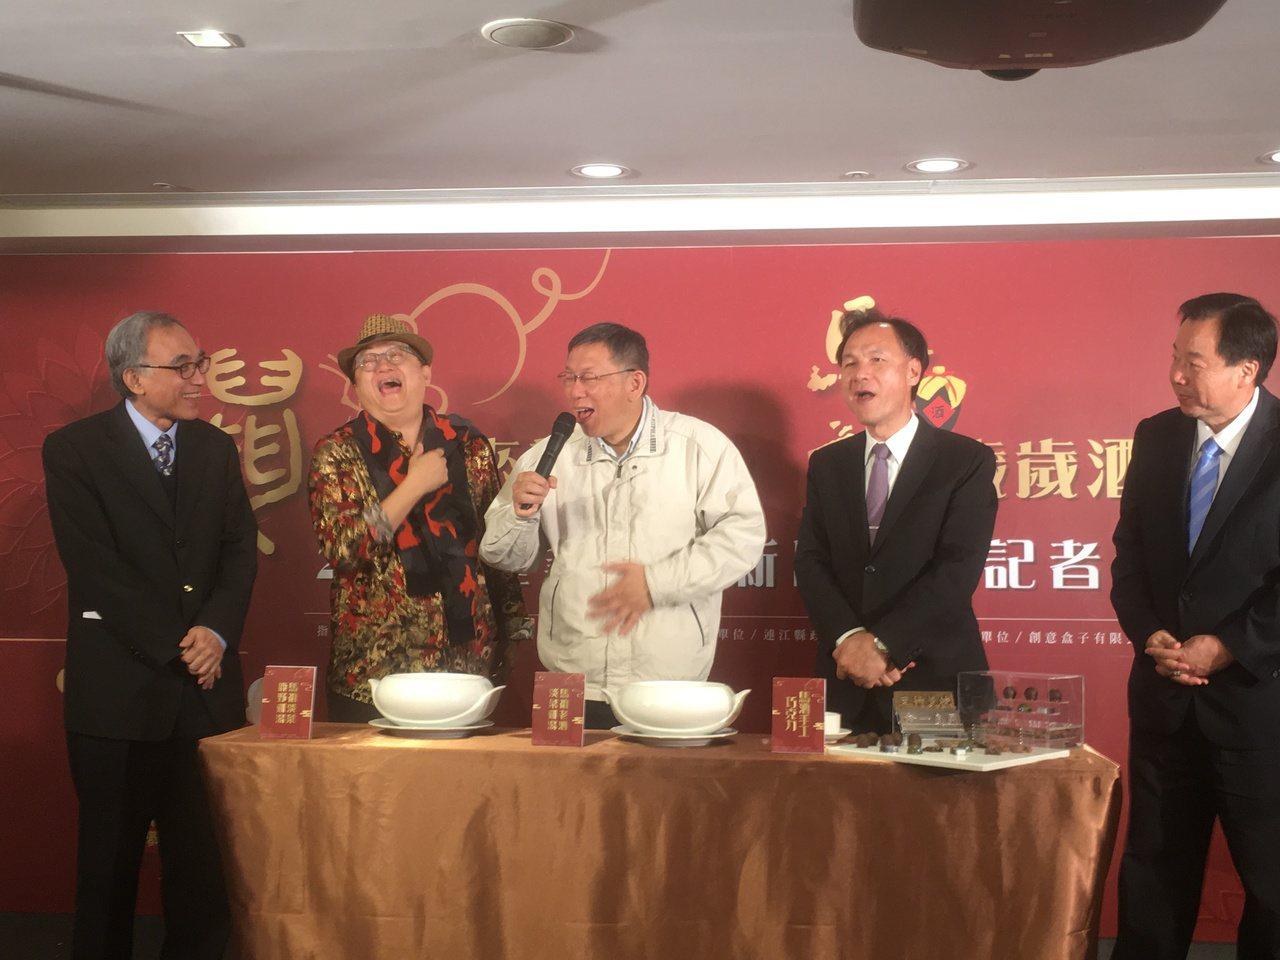 圣诞节及年节将至,民众开始陆续采买伴手礼与年菜,连江县政府抓准地方特色商机,推出...